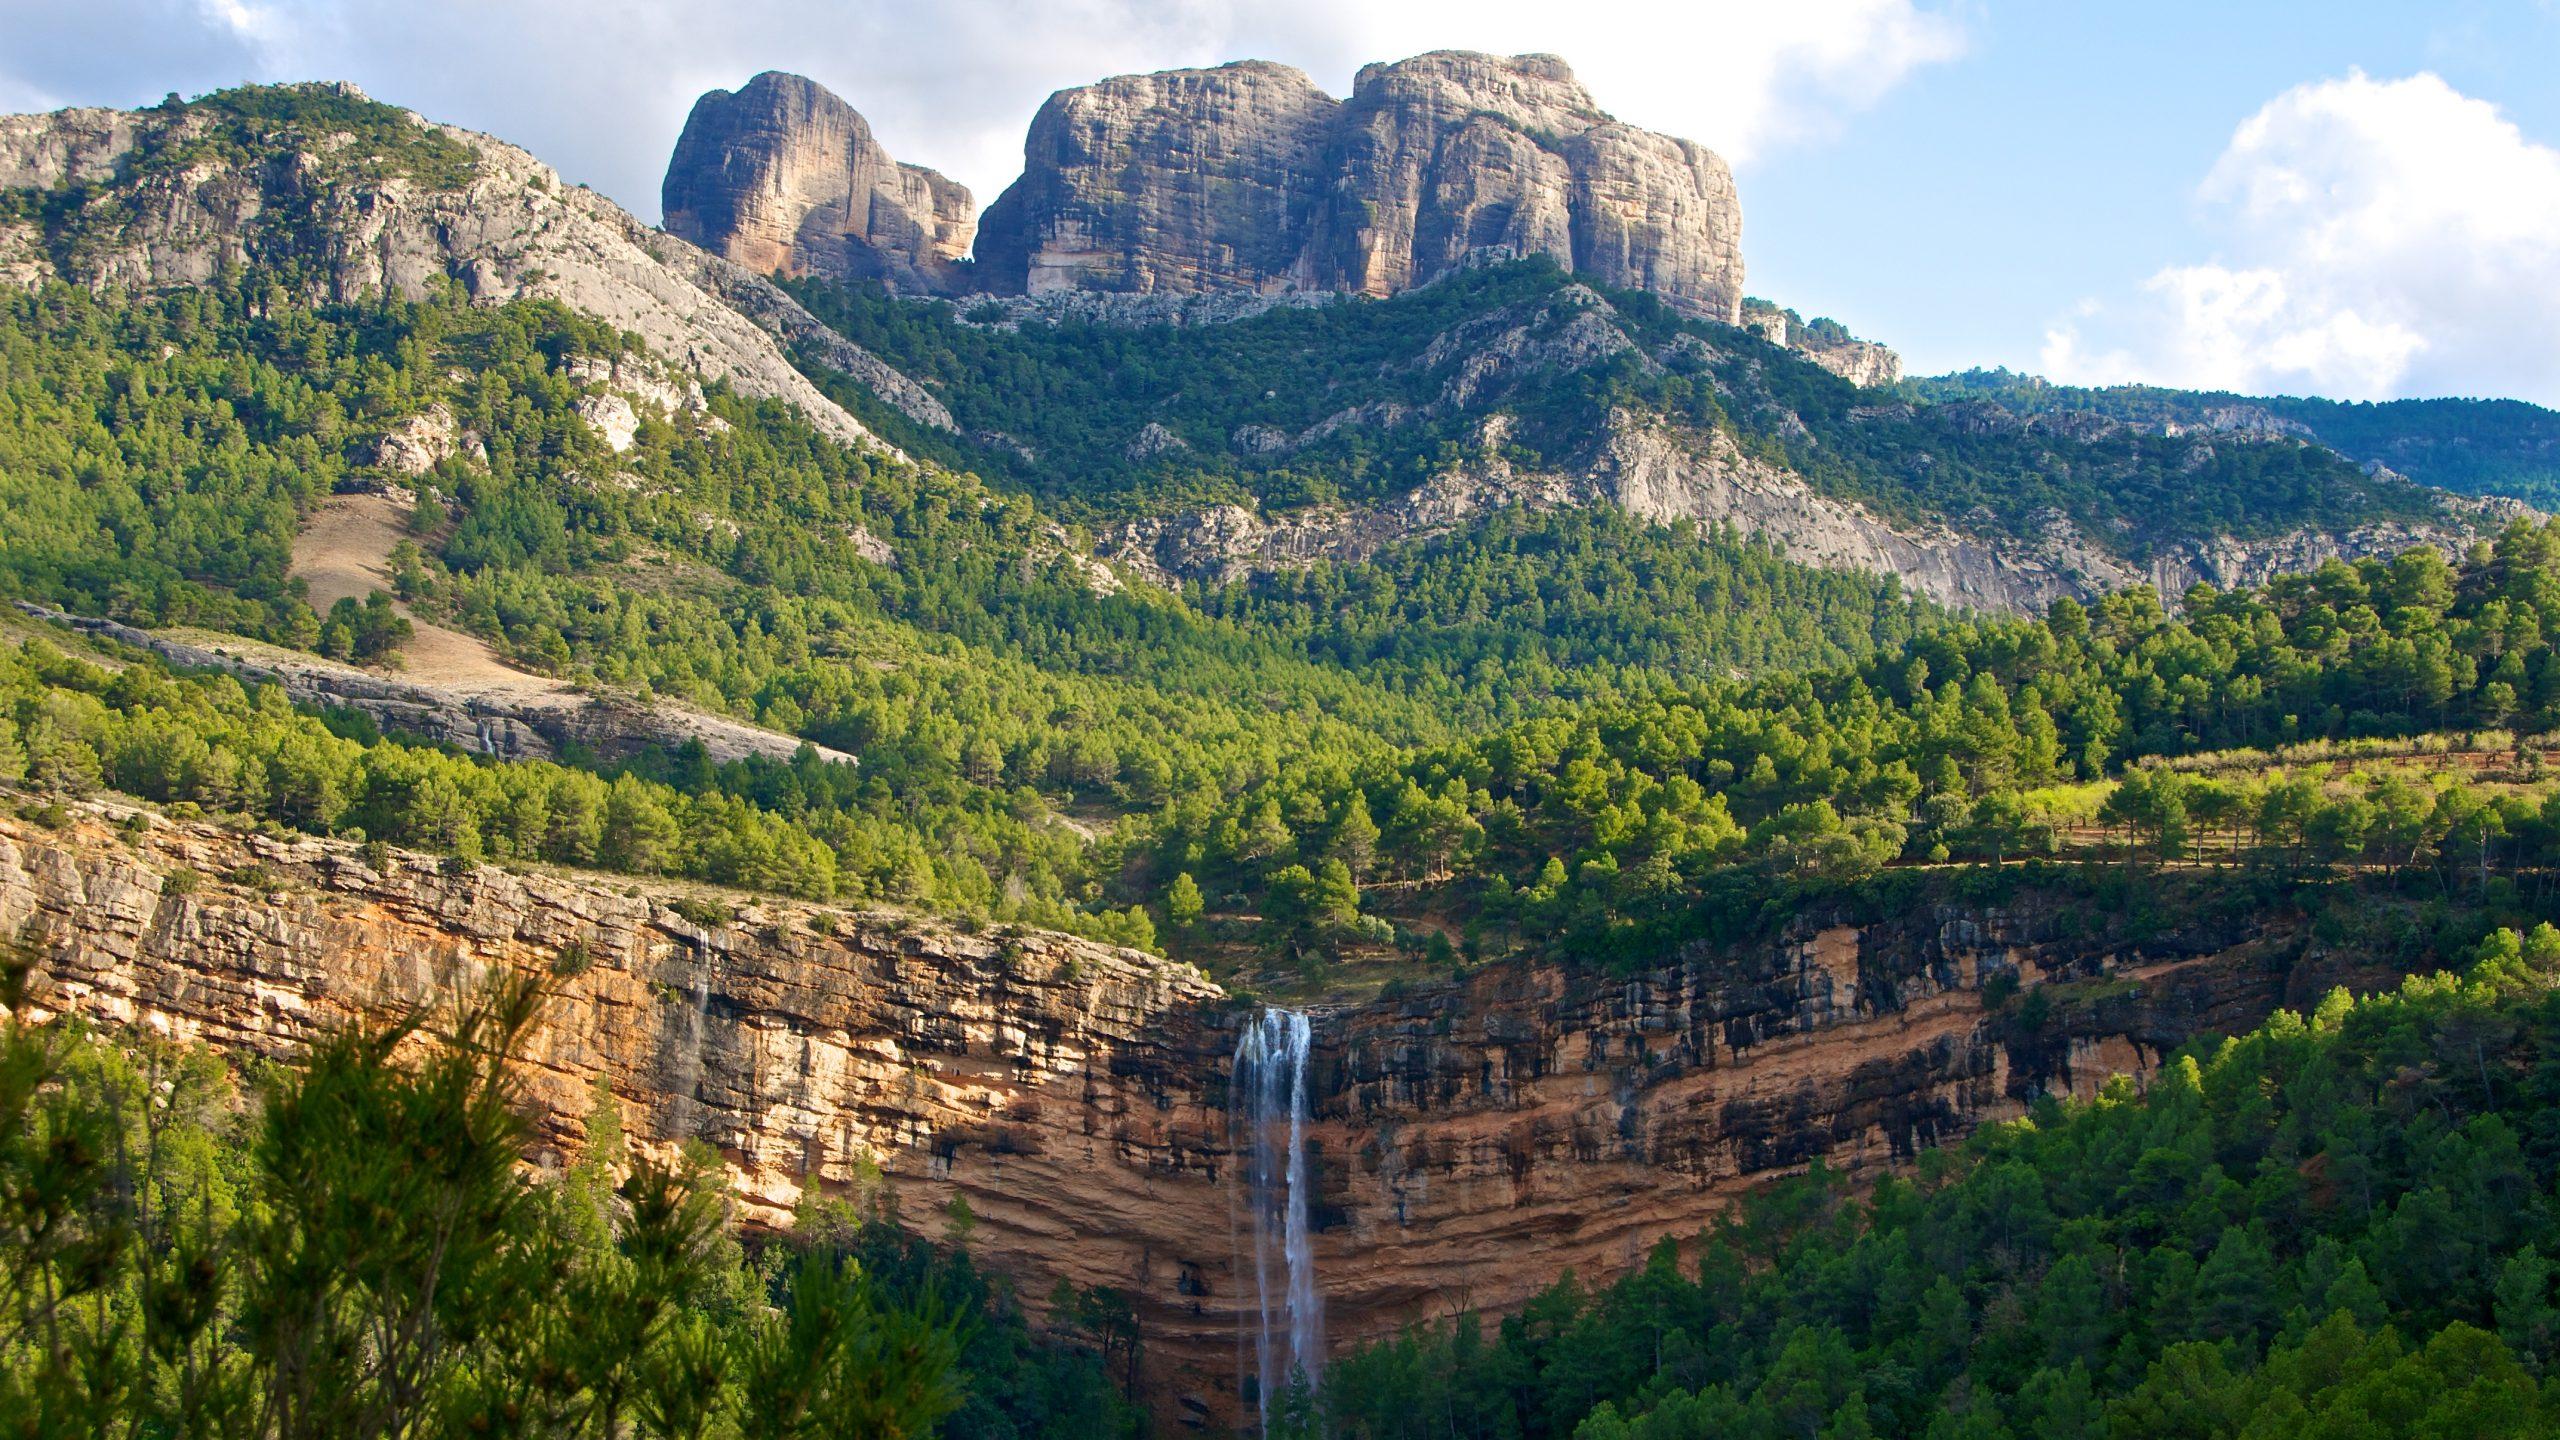 Tags 4K Mountain Waterfall HD Resolutions 1280x720 1366x768 1600x900 1920x1080 2560x1440 Original